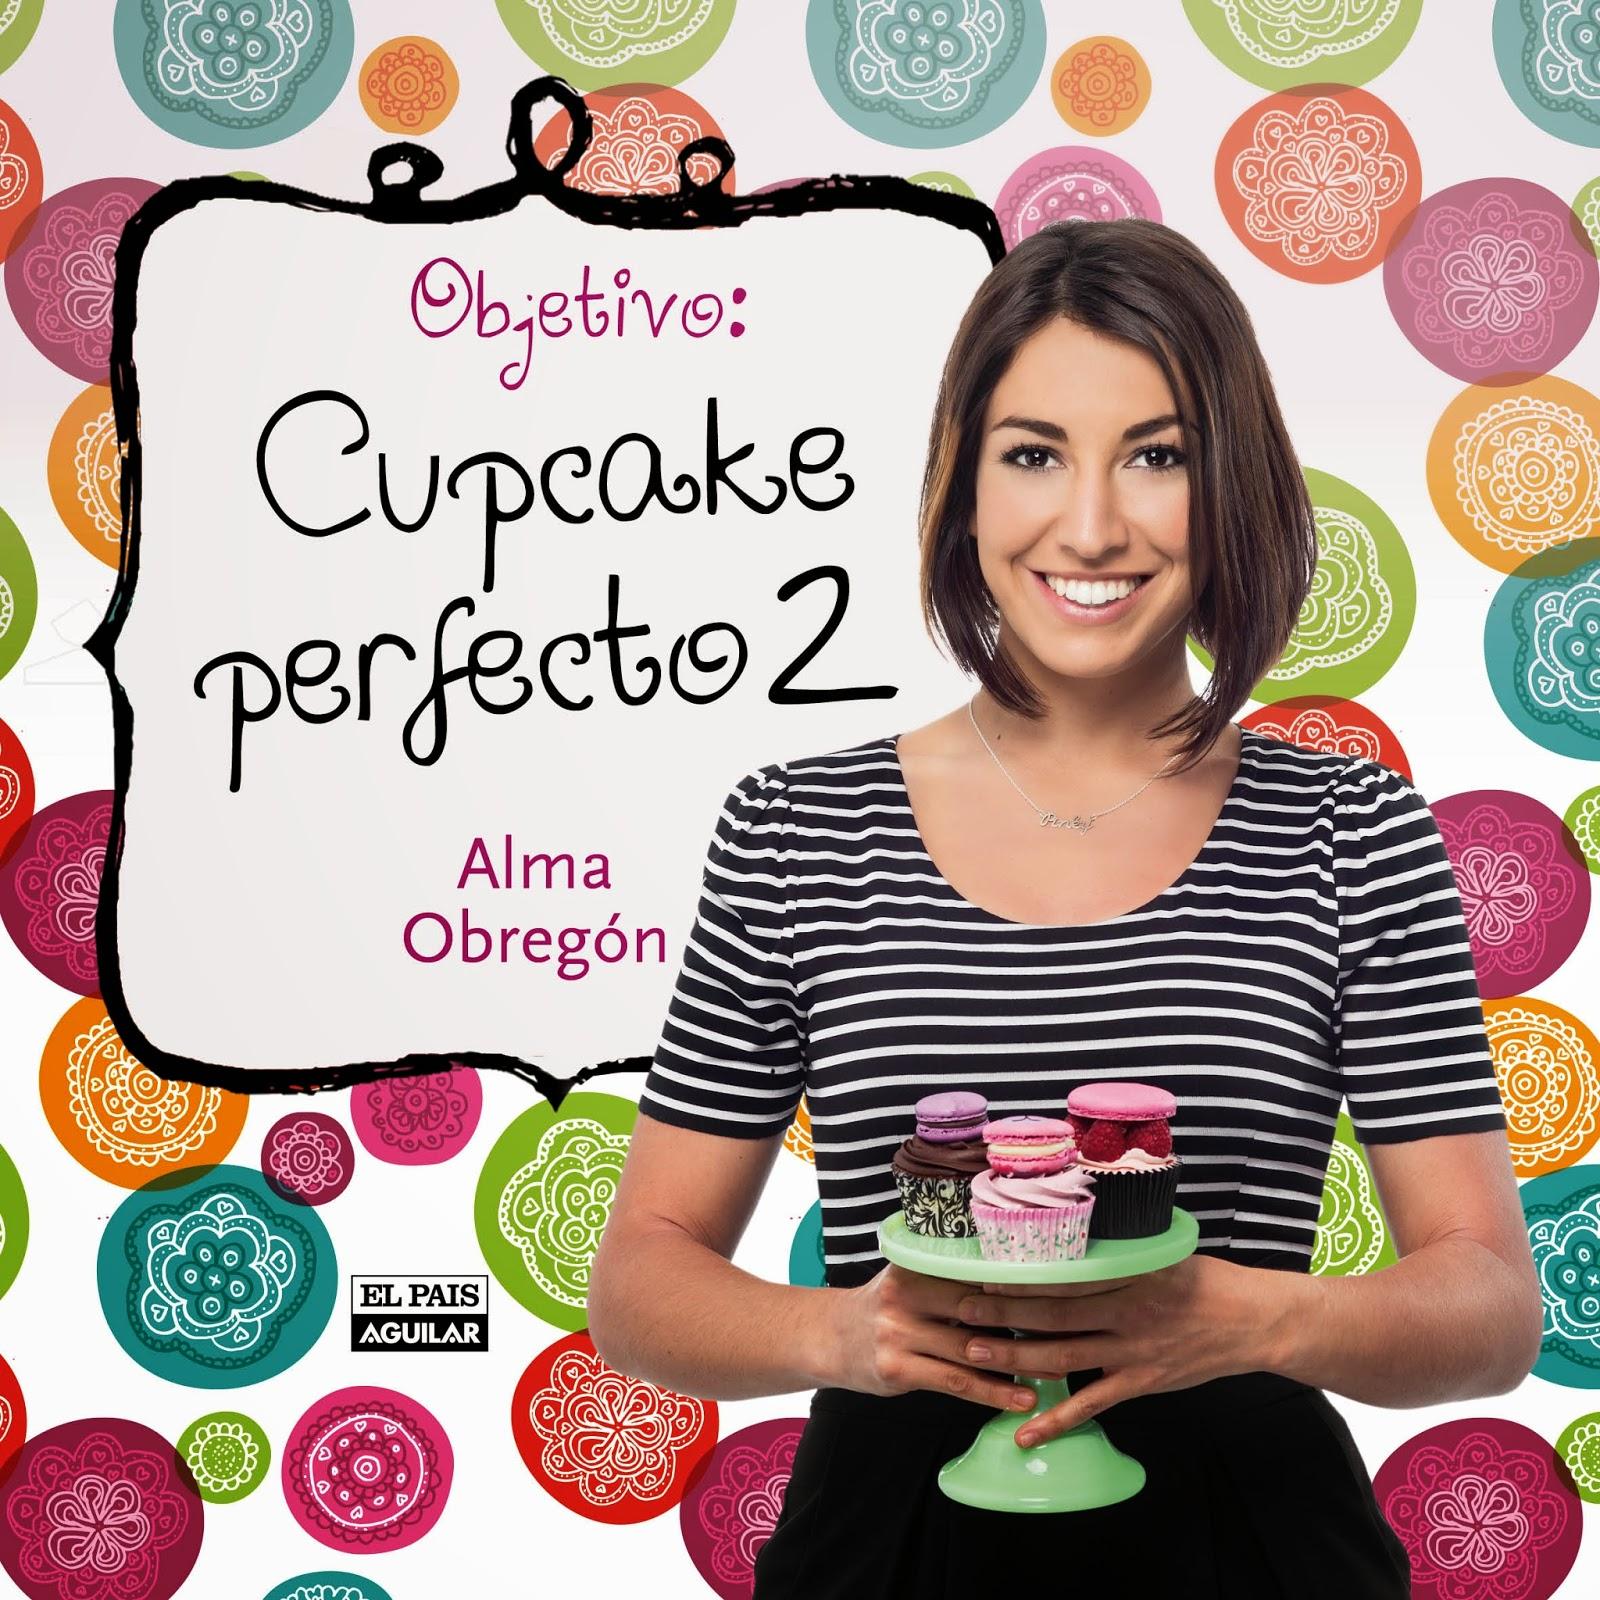 alma-obregon-objetivo-cupcake2